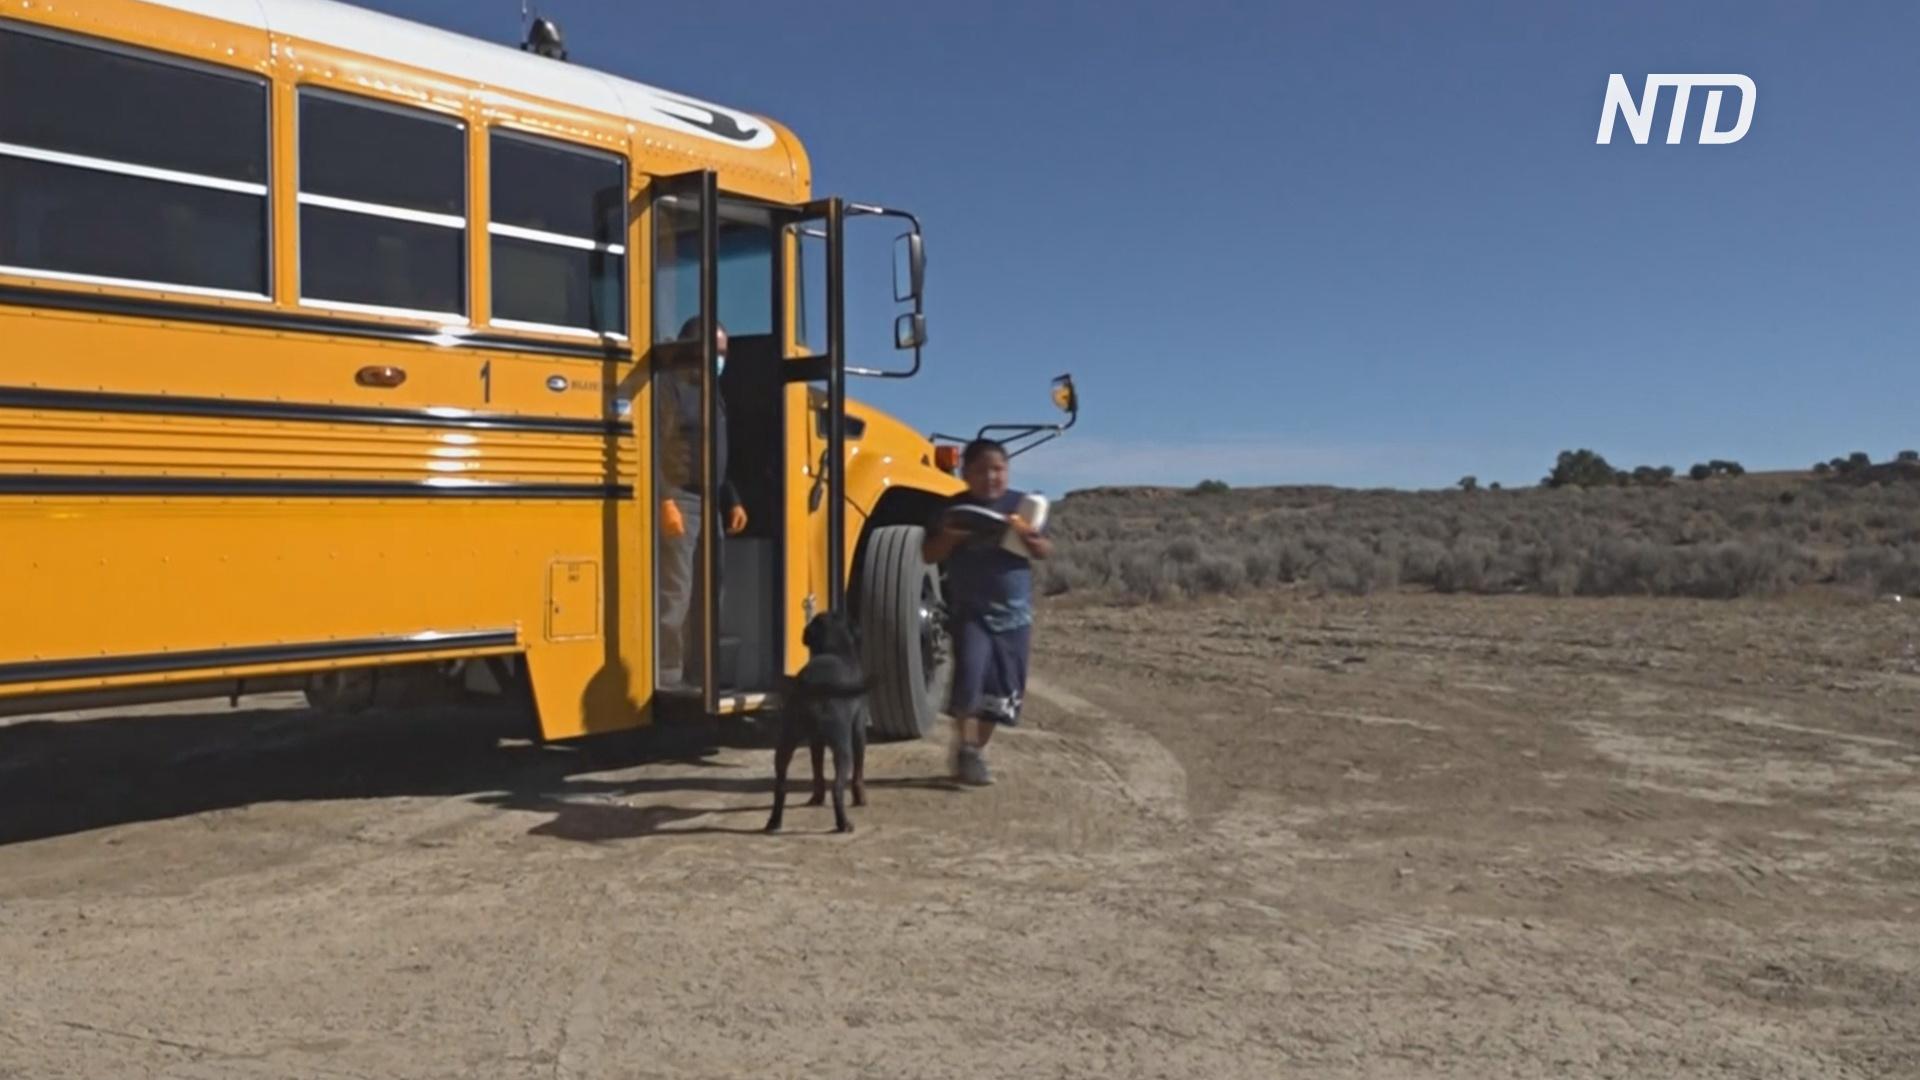 Школьные автобусы развозят задания для детей американских индейцев